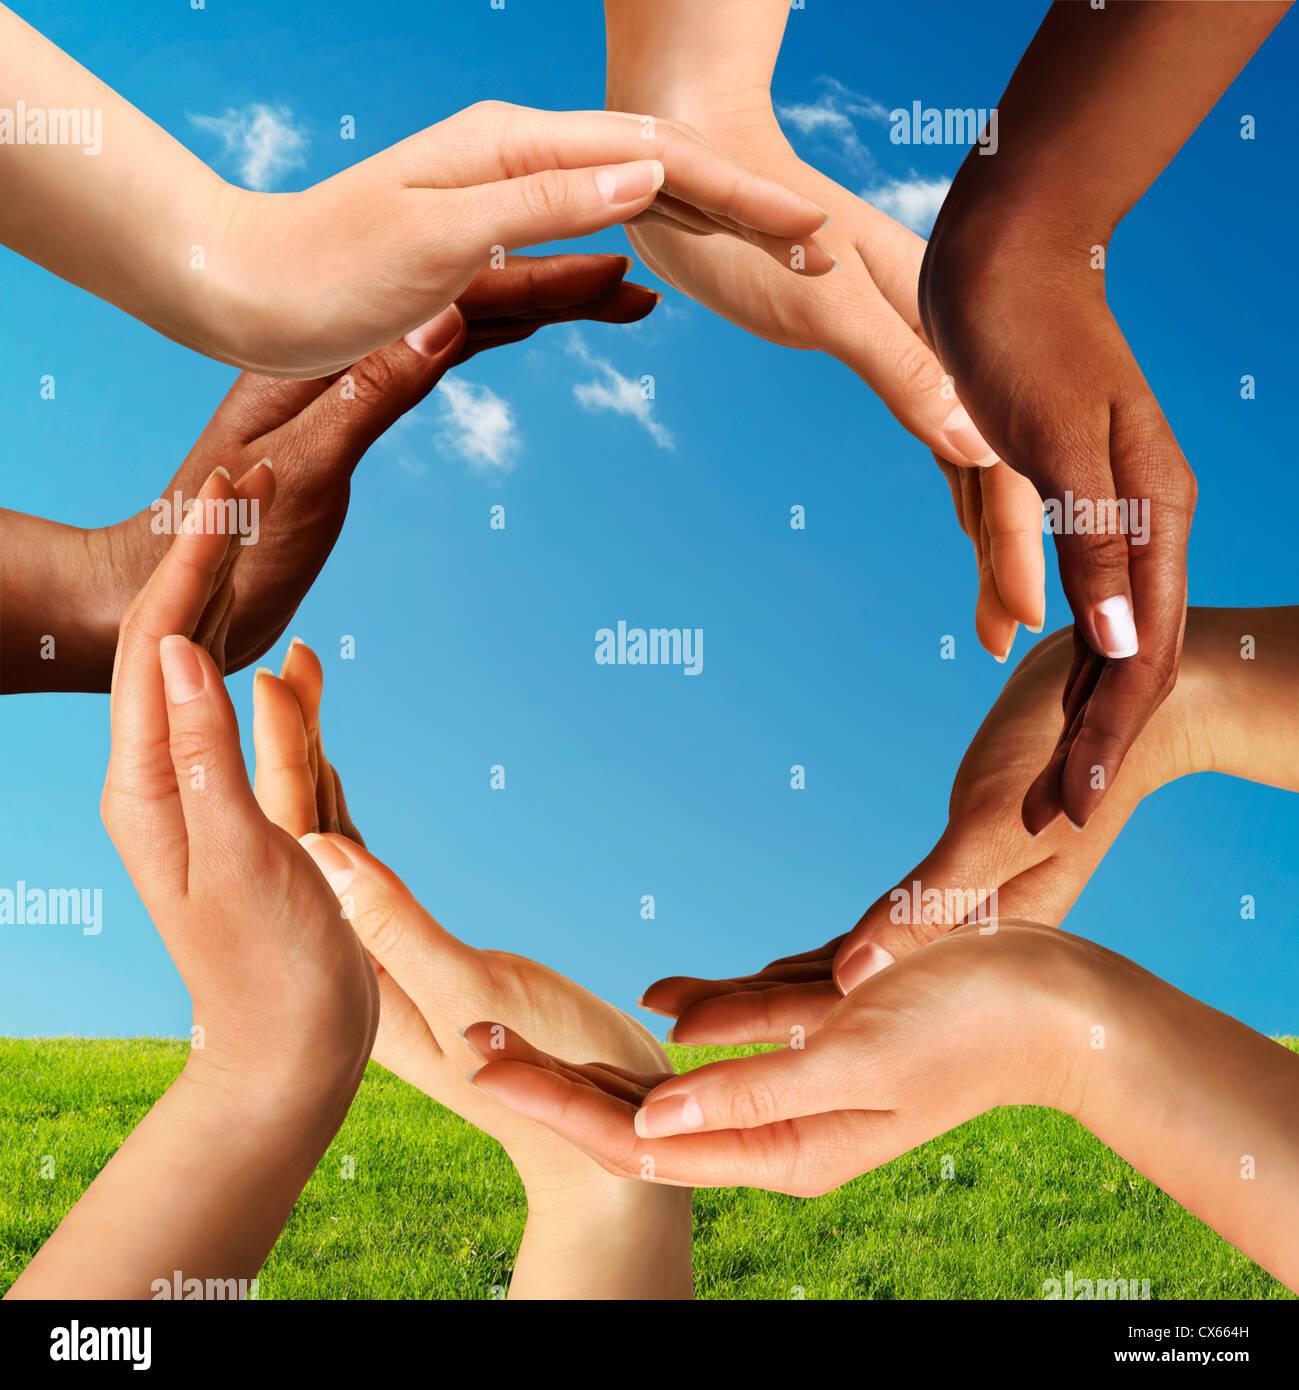 Konzeptionelle Frieden und kulturelle Vielfalt Symbol multirassische Hände machen einen Kreis zusammen auf blauen Stockfoto